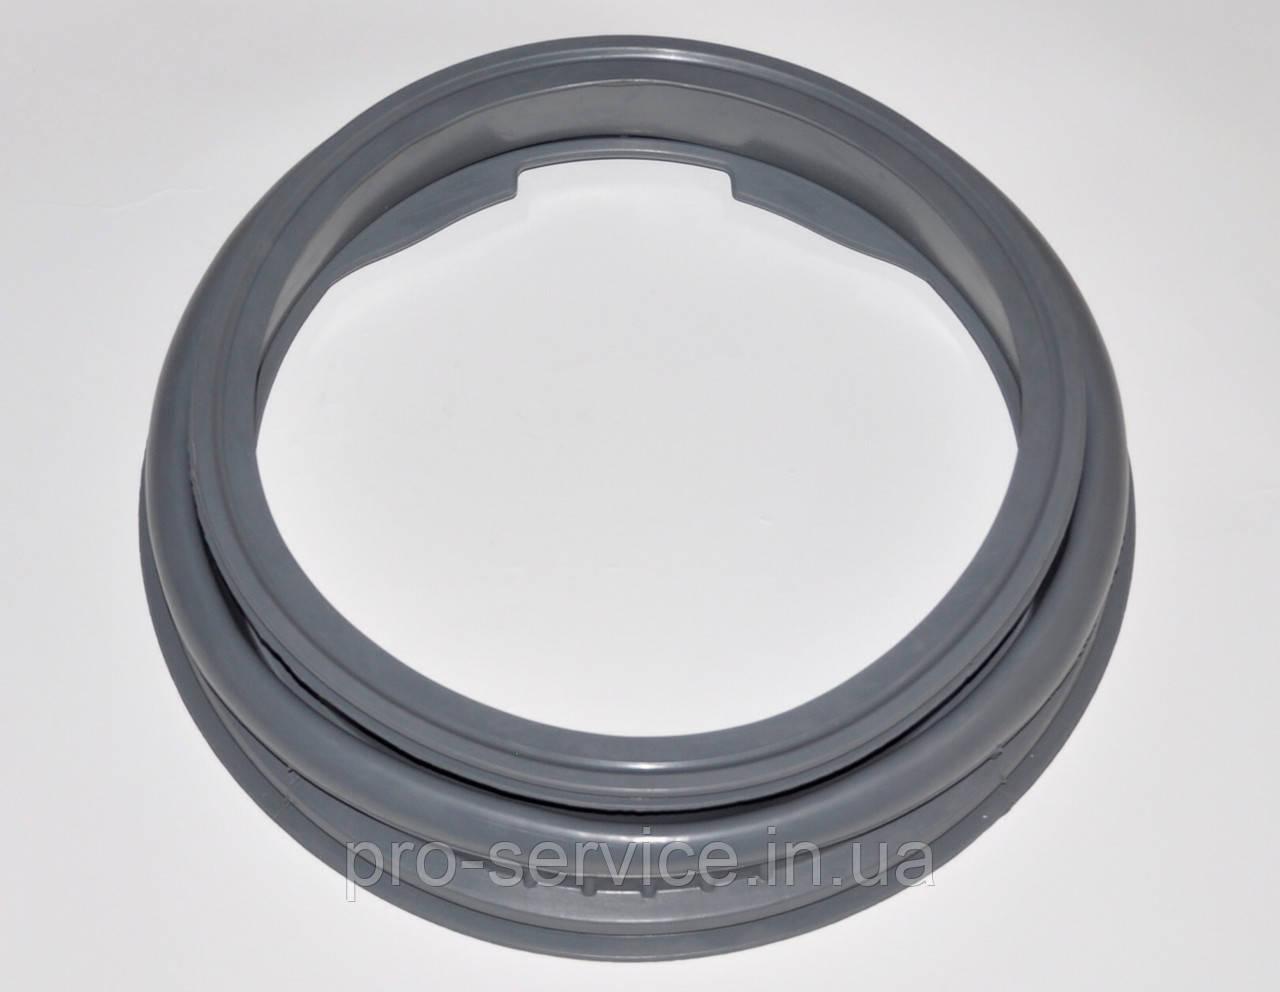 Манжета люка 00667220 для стиральных машин Bosch, Siemens